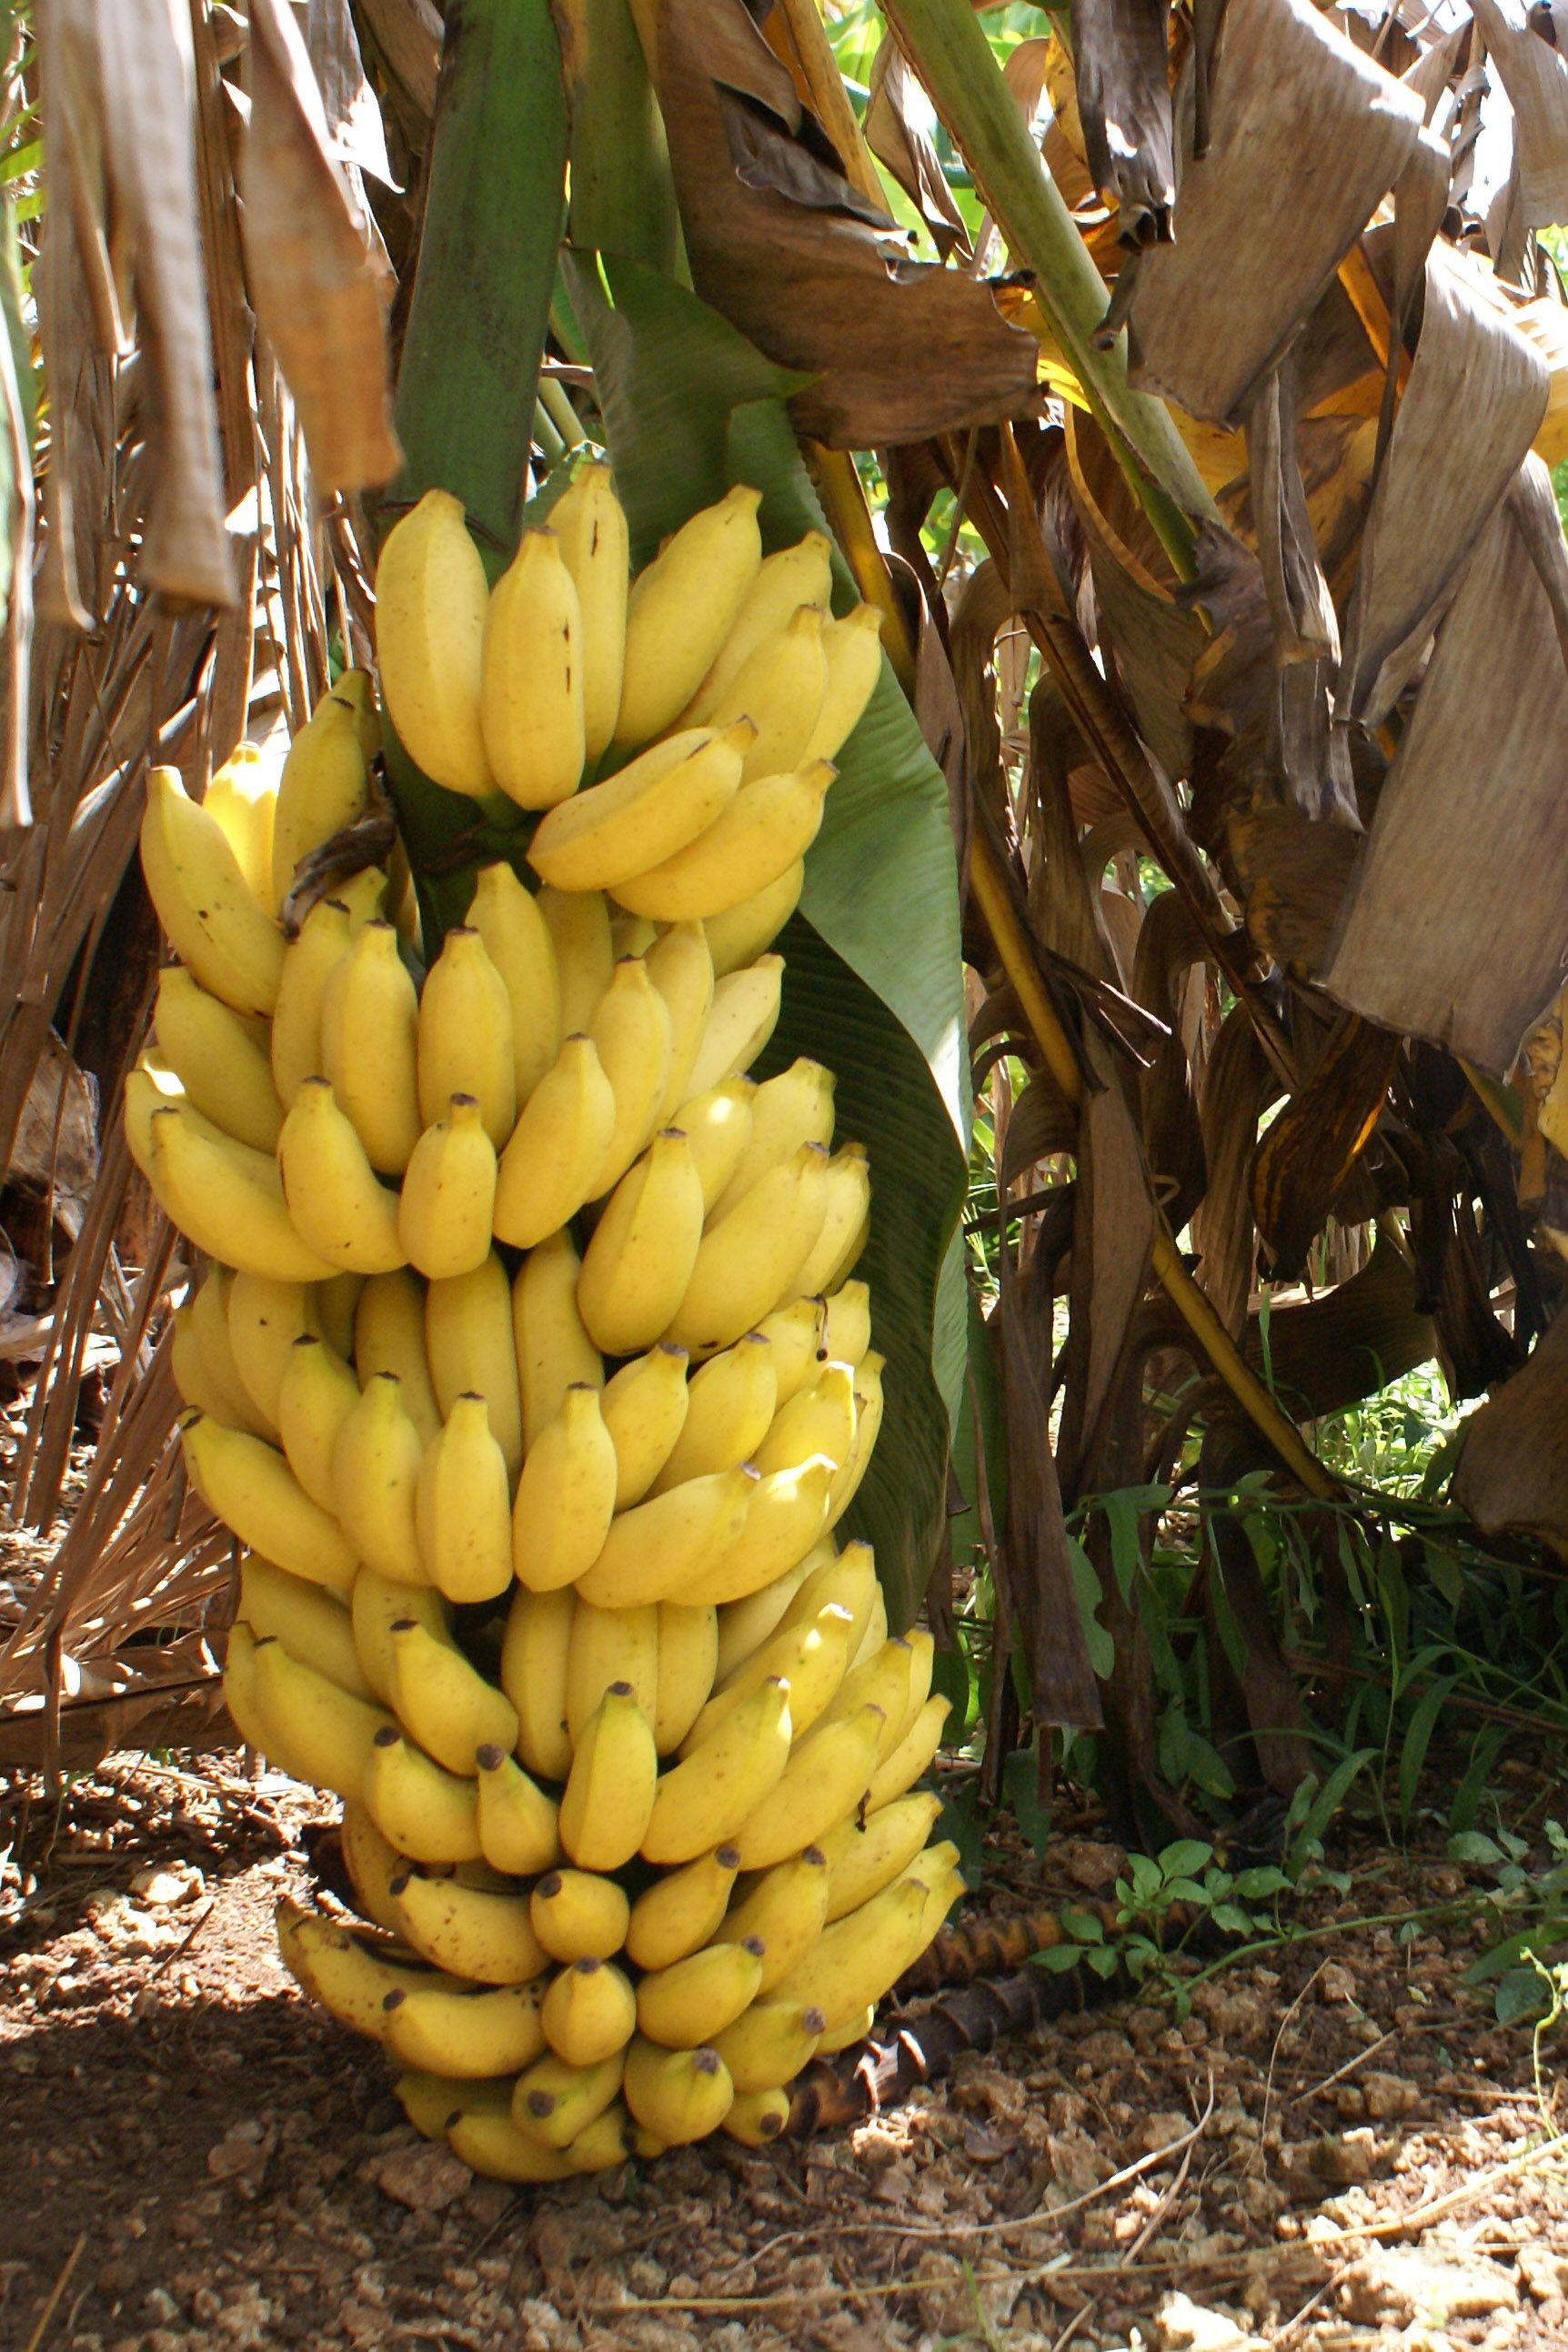 Pin On Bananas As A Main Ingredient